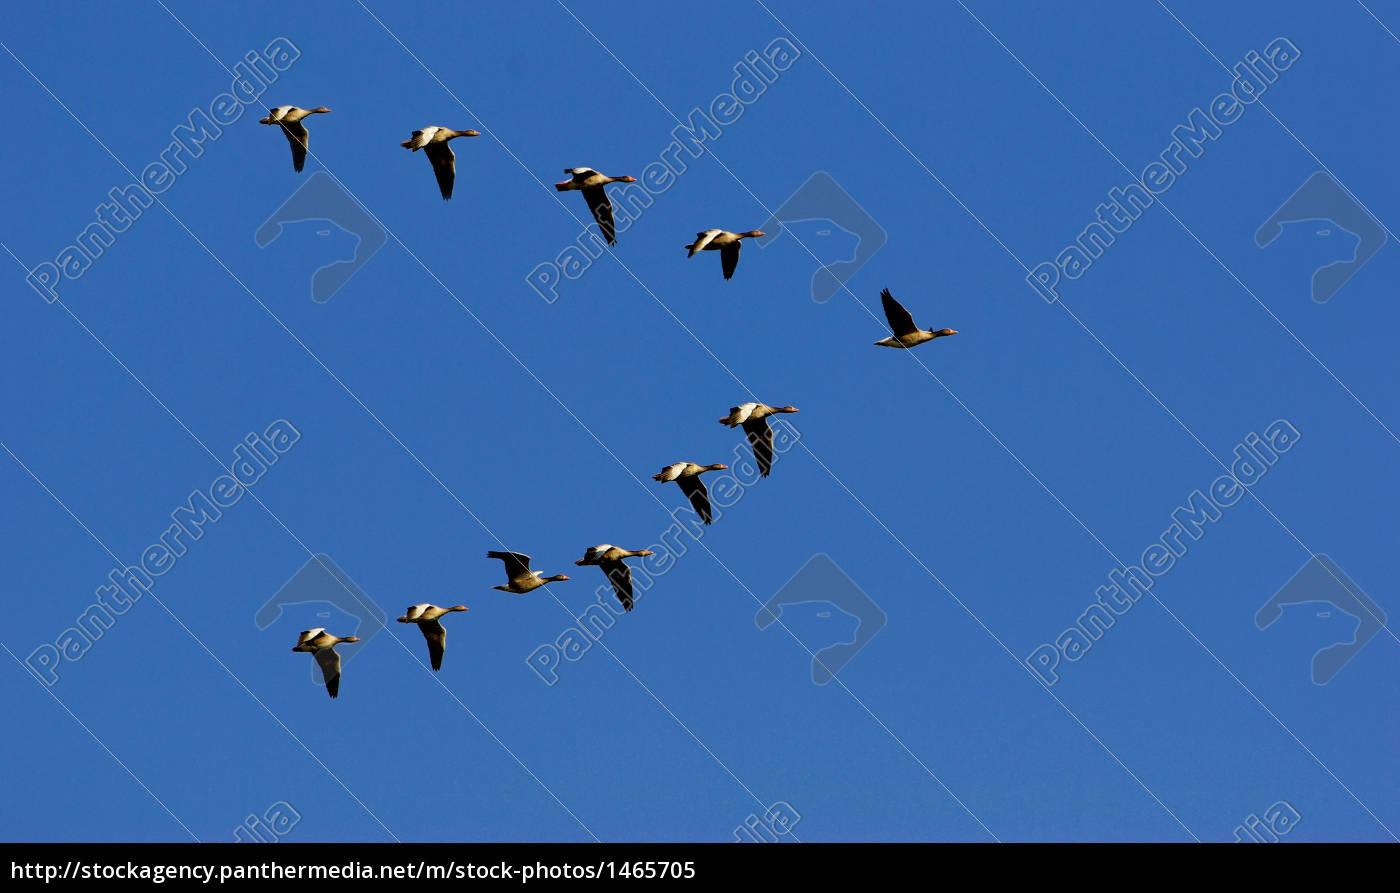 grey, goose - 1465705